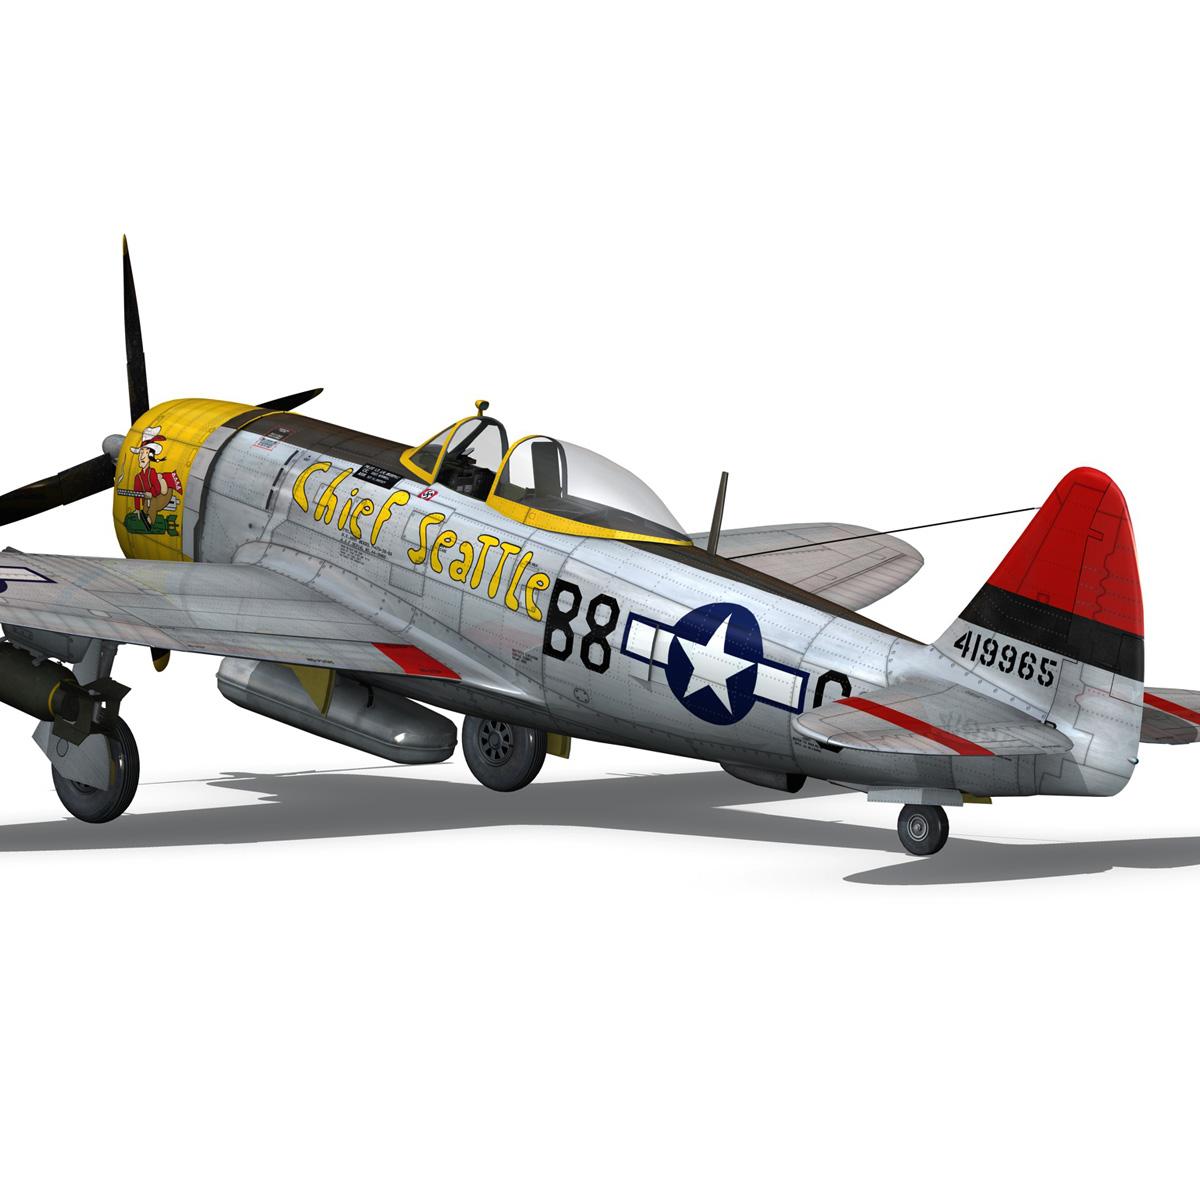 republic p-47d thunderbolt – chief seattle 3d model fbx c4d lwo obj 268211